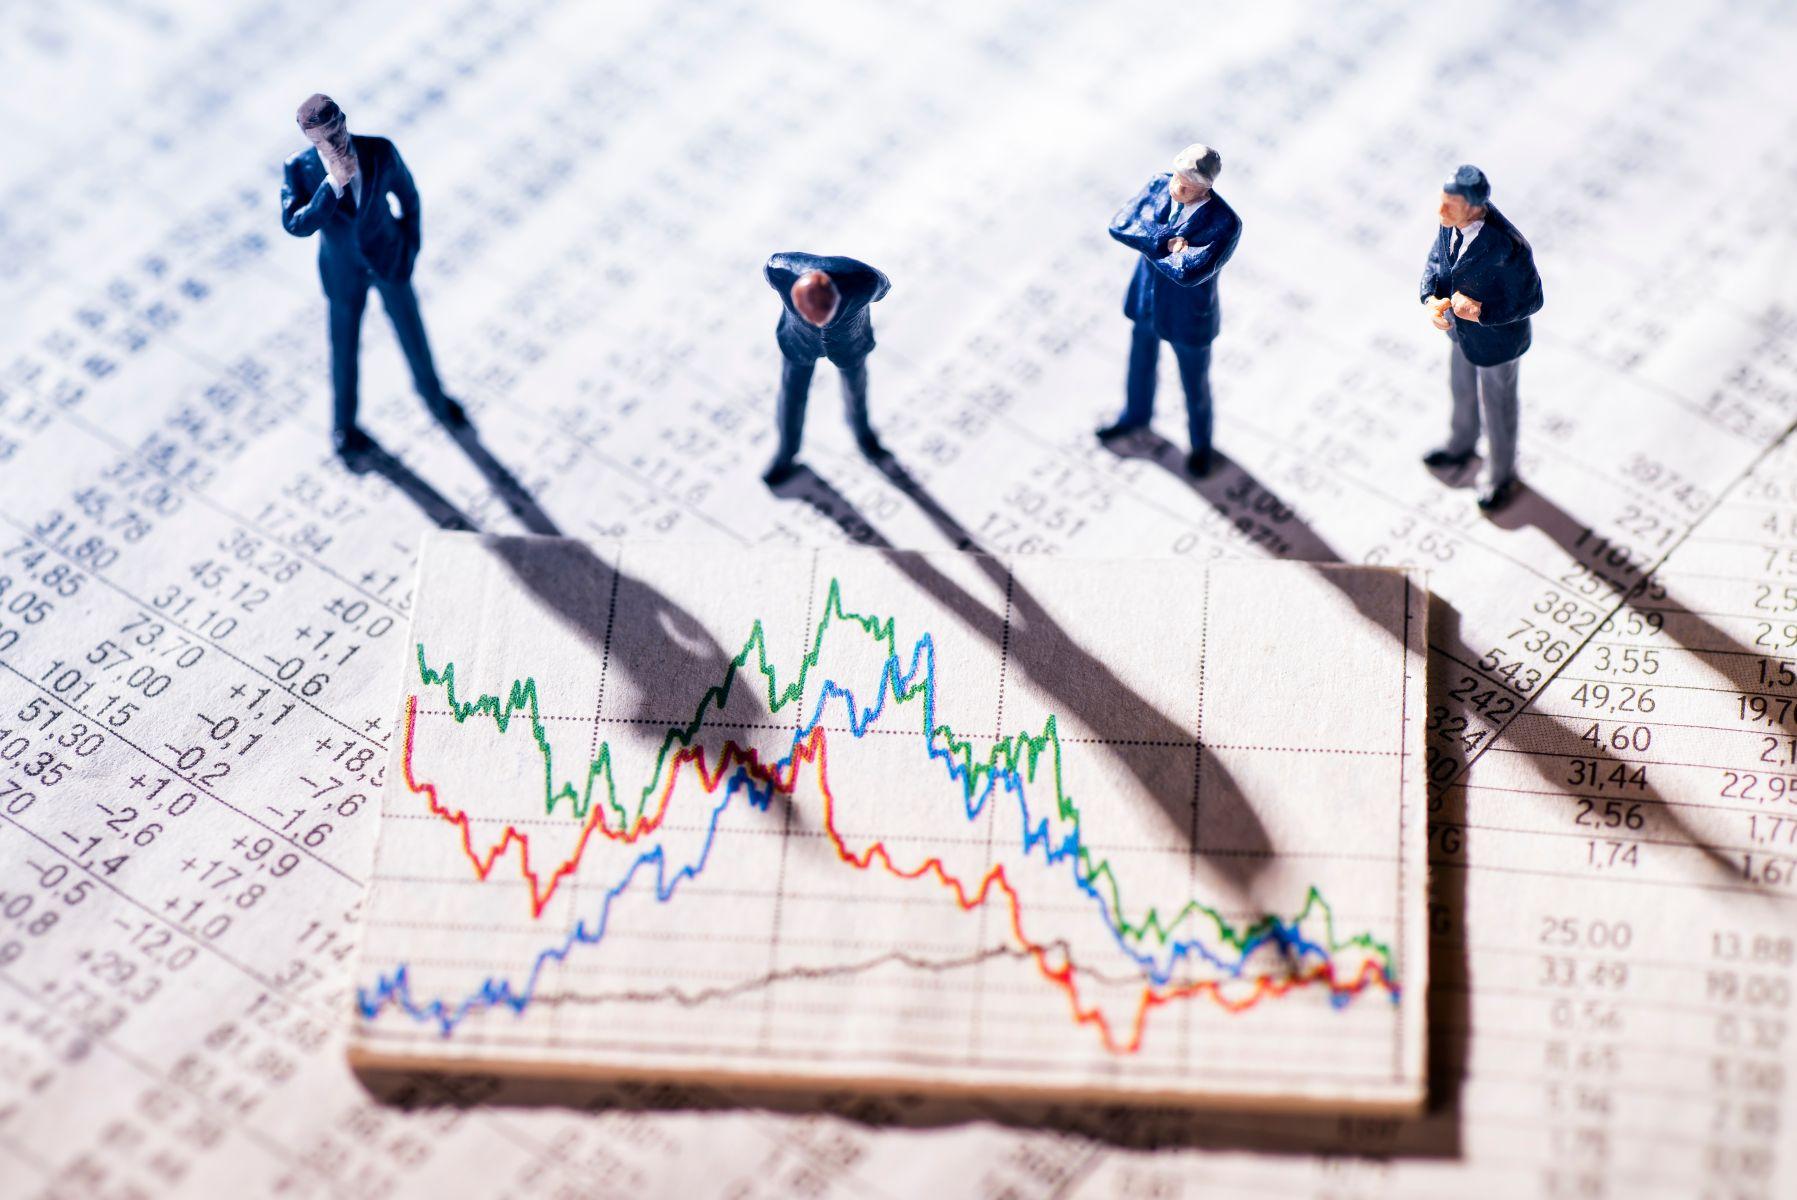 美股漲跌互見  台股面對半年報及七月營收該聚焦哪些類股?